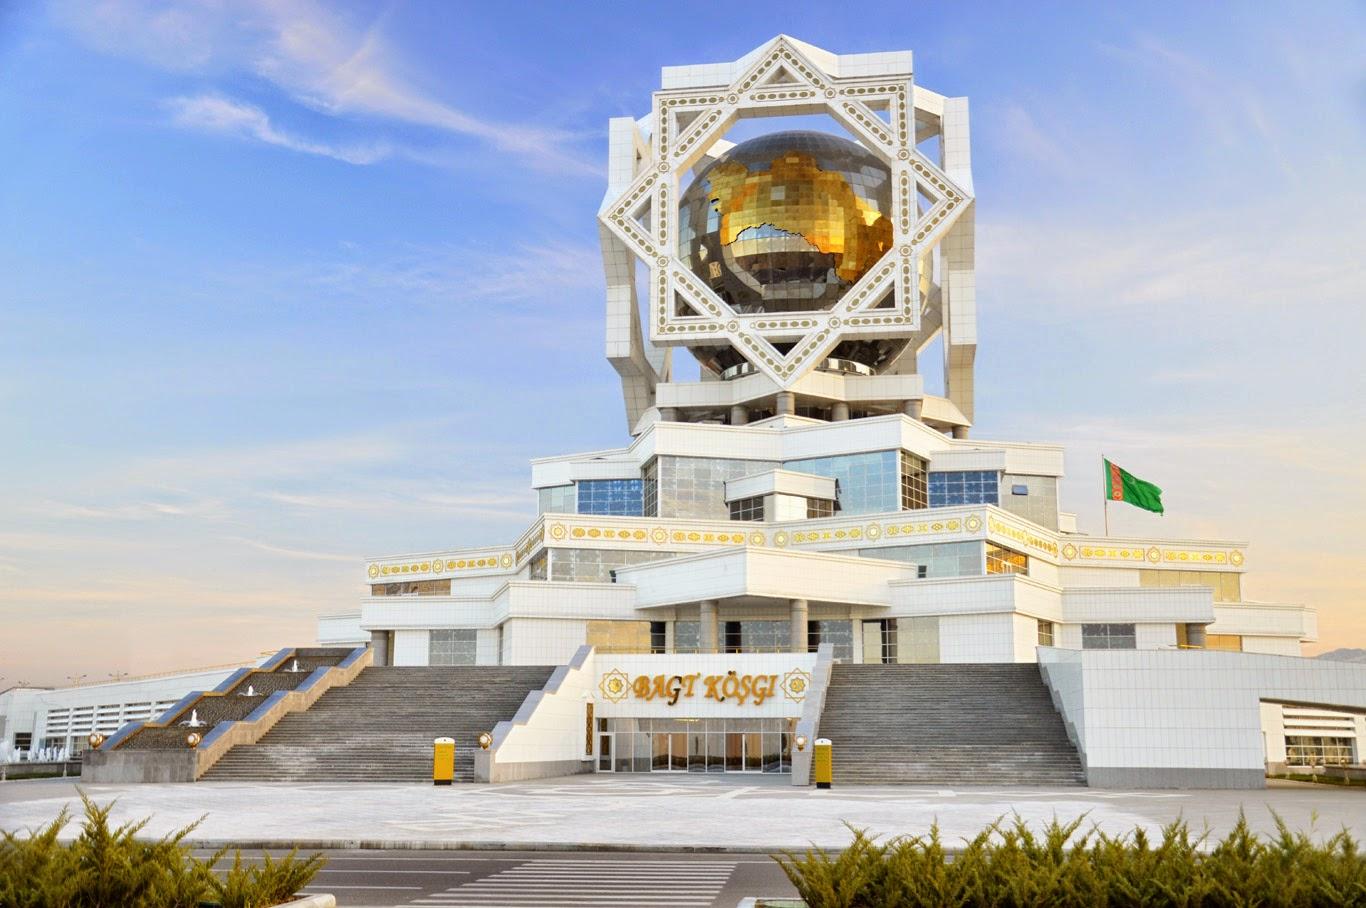 http://travel.oceanstravel.co.uk/ashgabat-peculiar-white-marble-capital-of-turkmenistan/